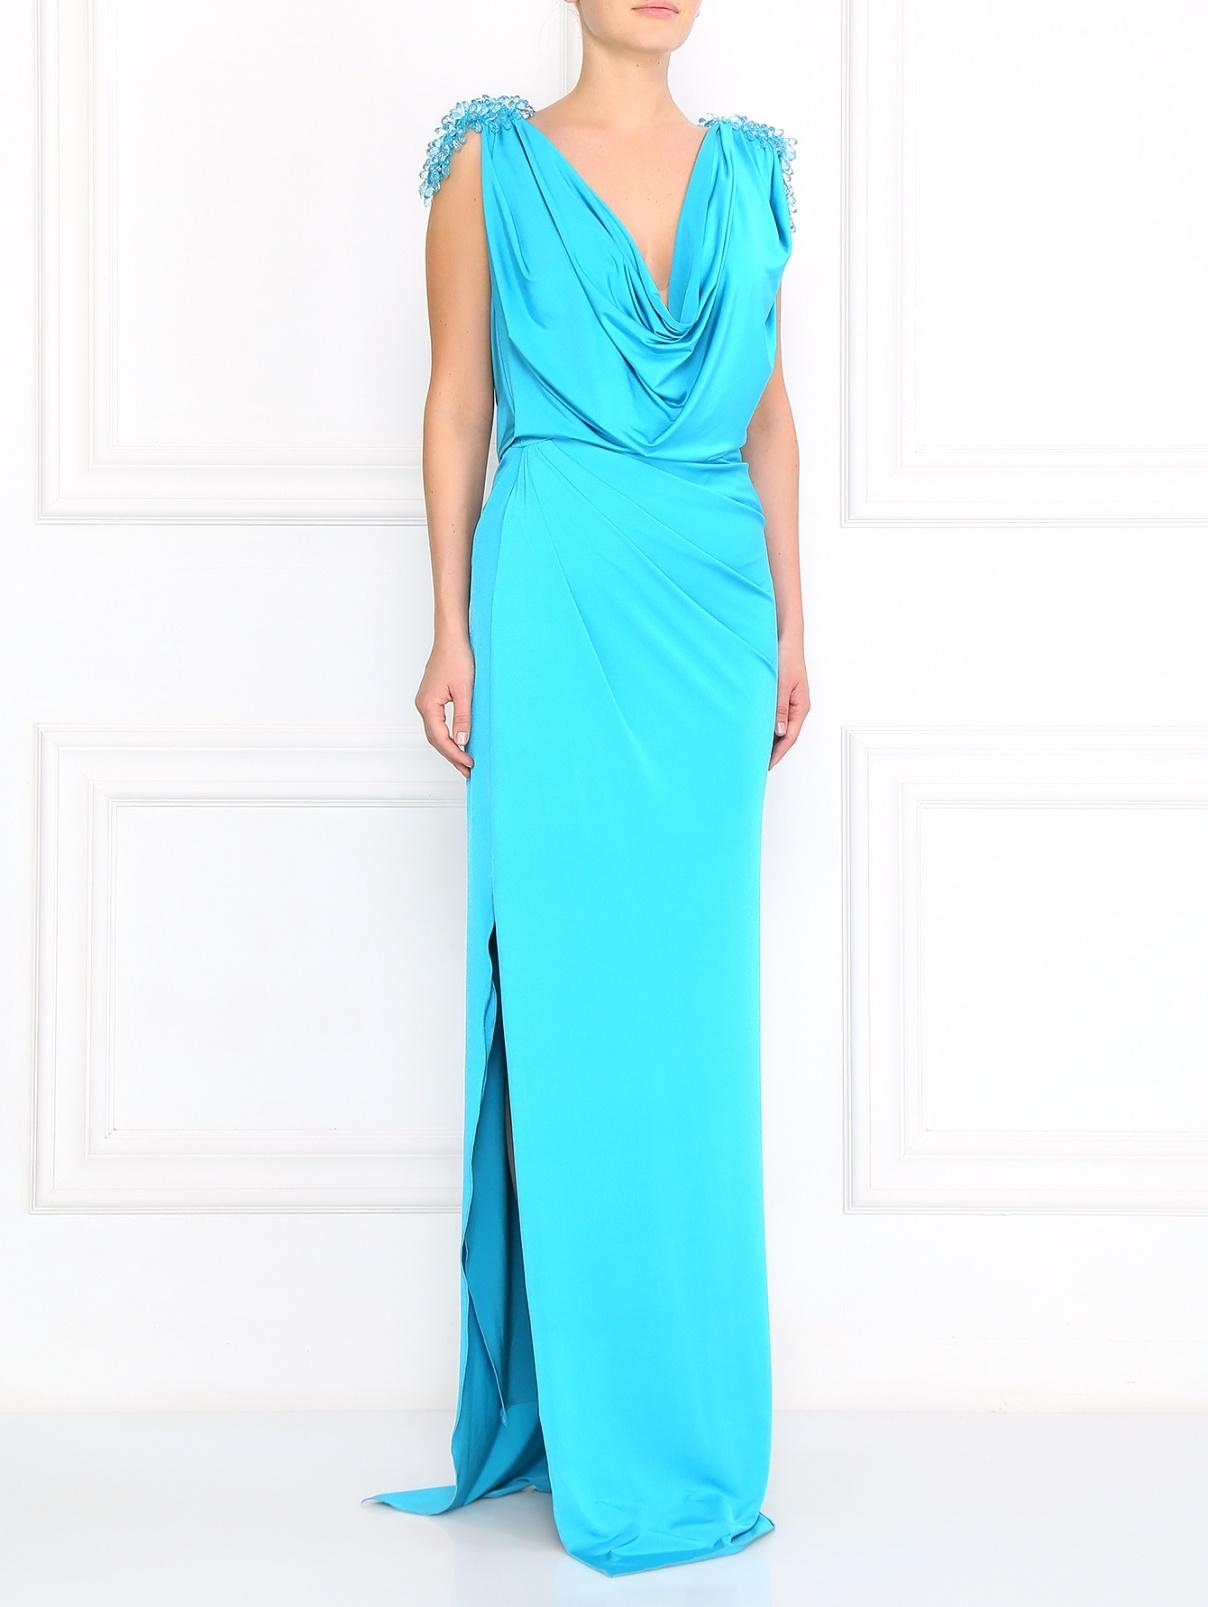 Платье-макси декорированное камнями VELOUDAKIS  –  Модель Общий вид  – Цвет:  Синий